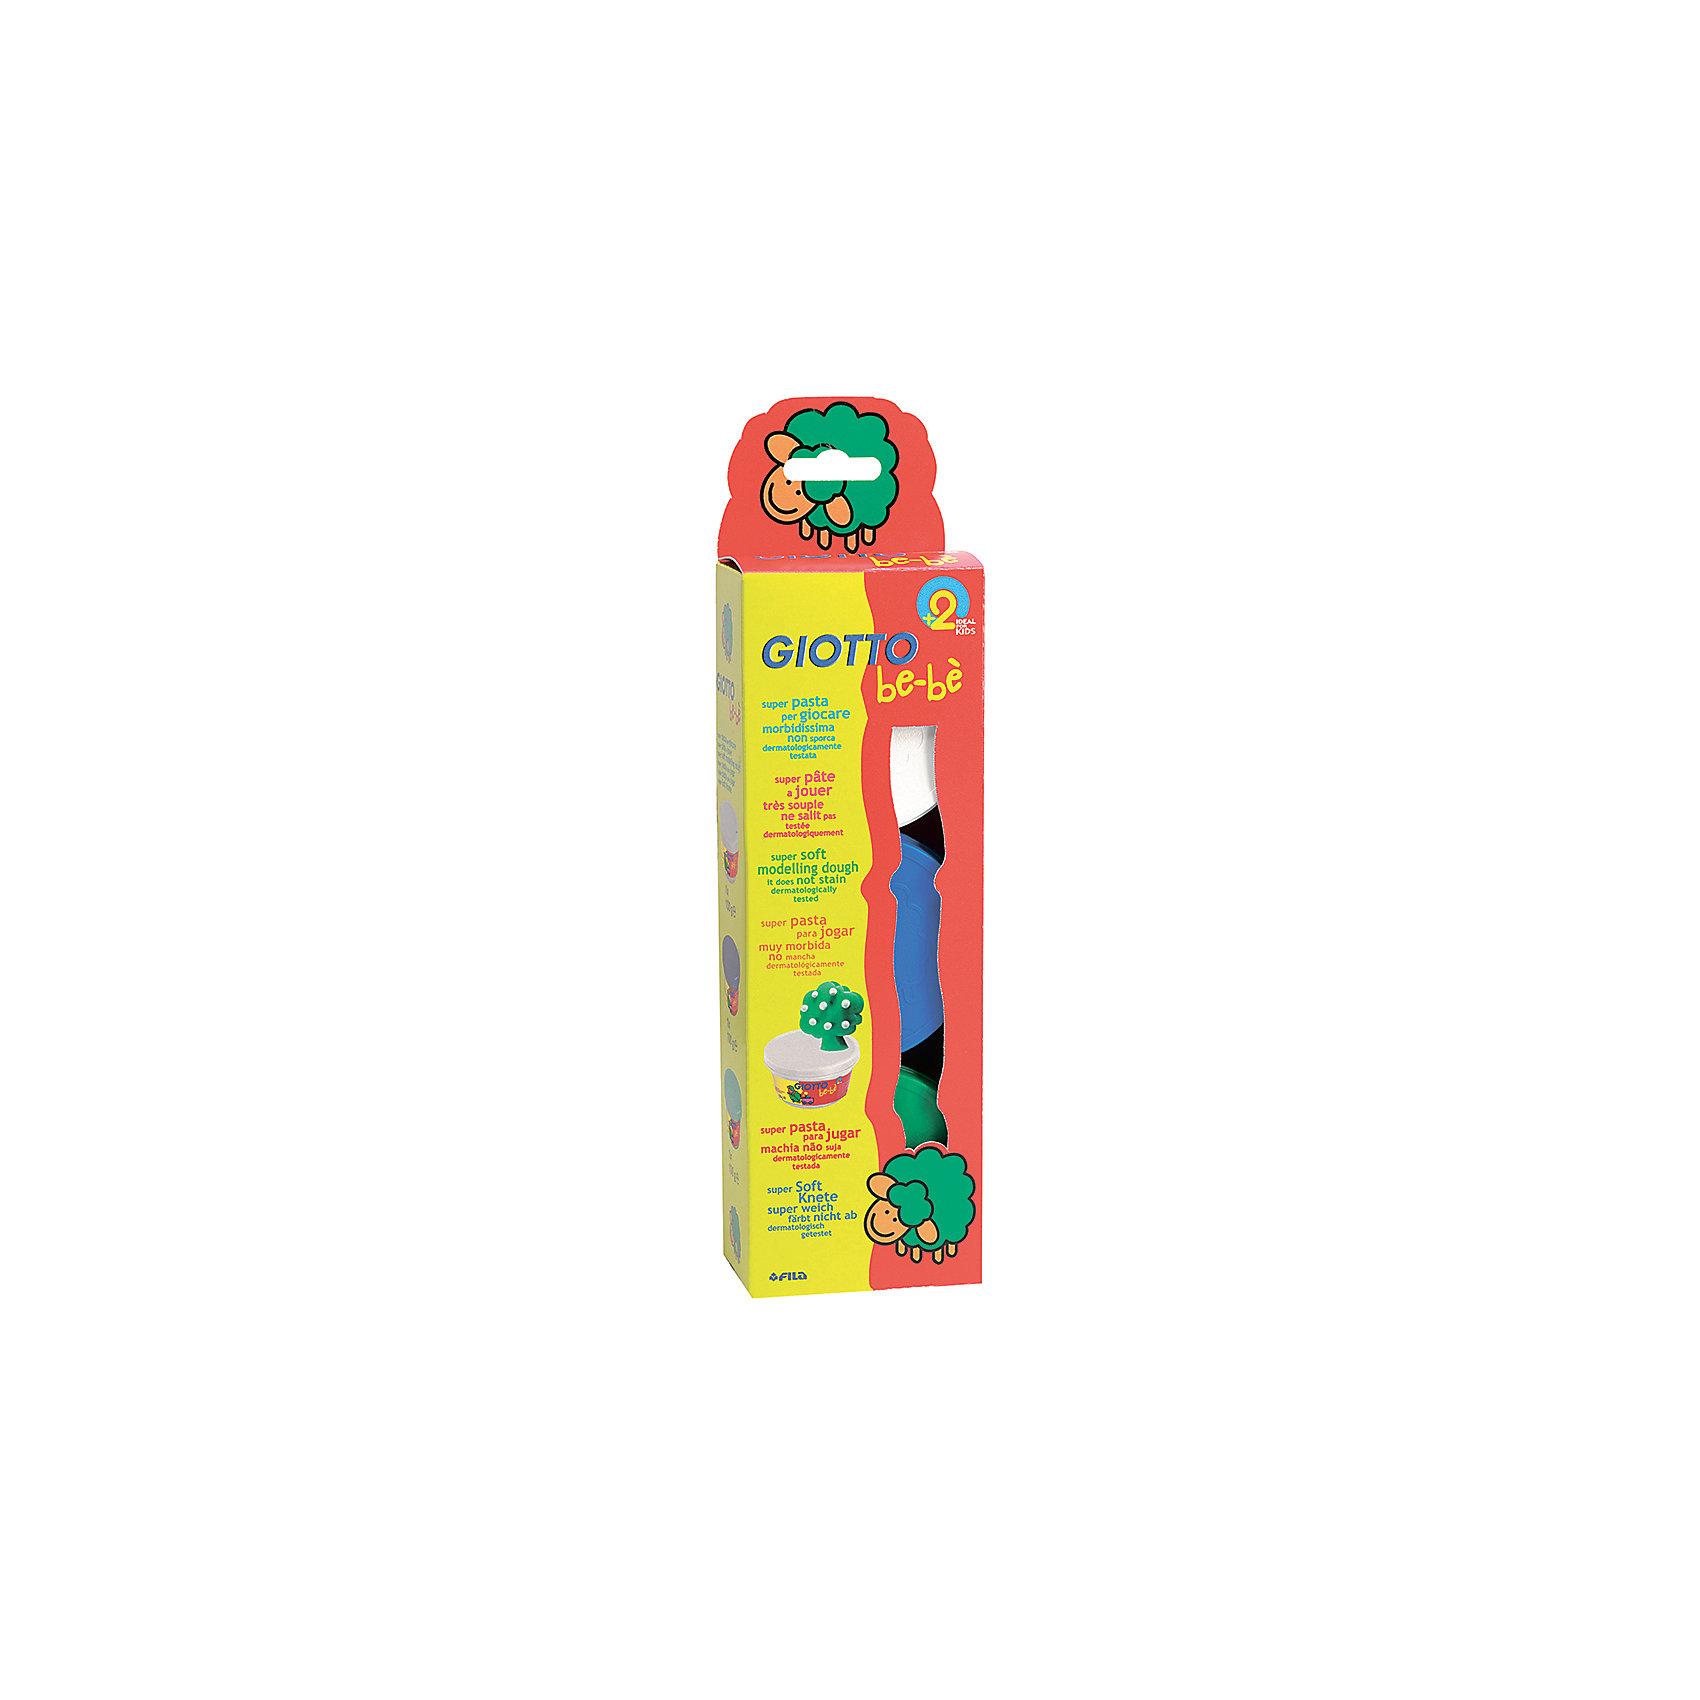 Мягкая паста для моделирования - аналог соленого теста, 3шт х 100 г, белый, зеленый, синий.Масса для лепки<br>Характеристики товара:<br><br>• в наборе: мягкая паста (3 цвета по 100 грамм);<br>• материал: натуральные компоненты, пластик;<br>• цвет пасты: синий, белый, зеленый;<br>• размер упаковки: 29х5х28 см;<br>• вес: 740 грамм;<br>• возраст: от 2 лет.<br><br>Набор Giotto be-be Super Modelling Dough подходит для лепки и моделирования. Паста изготовлена из натуральных компонентов, поэтому подходит даже для самых юных скульпторов. В набор входят 3 баночки с пастой: белая, зеленая, синяя.<br><br>Паста имеет мягкую, приятную консистенцию. Она легко размягчается, не липнет к рукам и быстро обретает желаемую форму. Не оставляет следов, не пачкает руки. <br><br>Giotto (Джотто) be-be Super Modelling Dough пасту для моделирования, 3шт*100 гр, бел, син, зел можно купить в нашем интернет-магазине.<br><br>Ширина мм: 323<br>Глубина мм: 88<br>Высота мм: 51<br>Вес г: 475<br>Возраст от месяцев: 24<br>Возраст до месяцев: 60<br>Пол: Унисекс<br>Возраст: Детский<br>SKU: 2021029